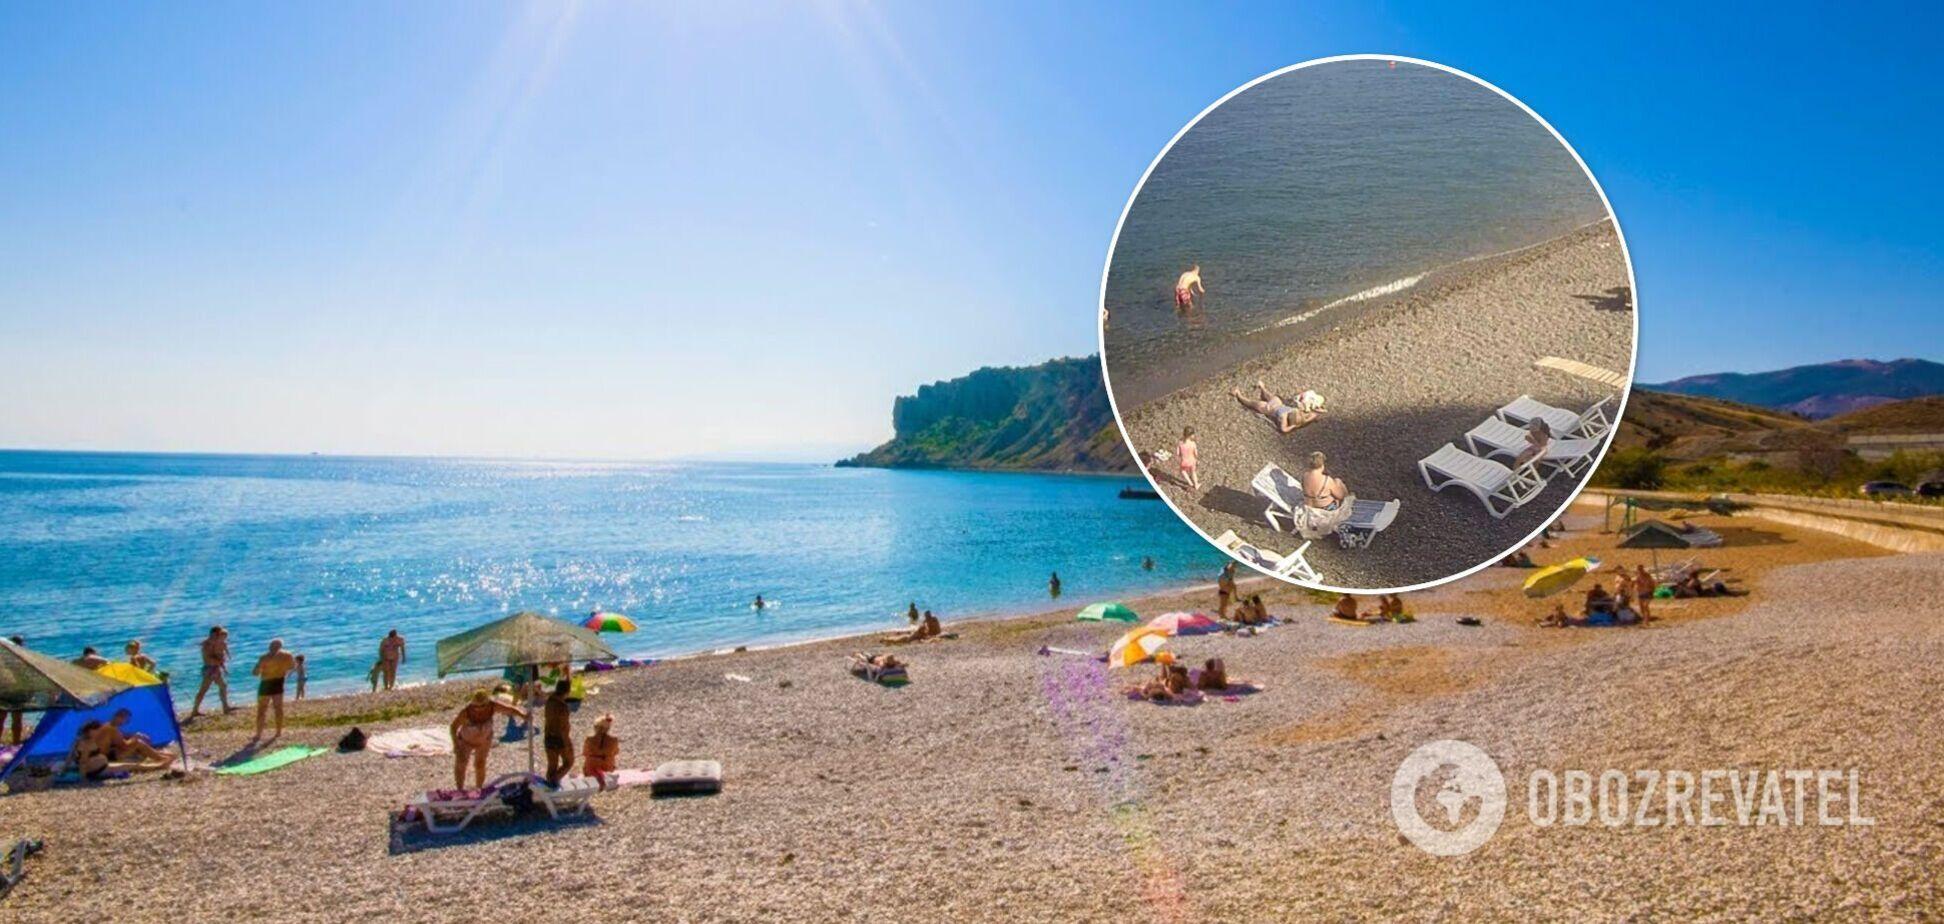 Божевільні ціни і ніякого сервісу: що відбувається на курортах Криму. Фото